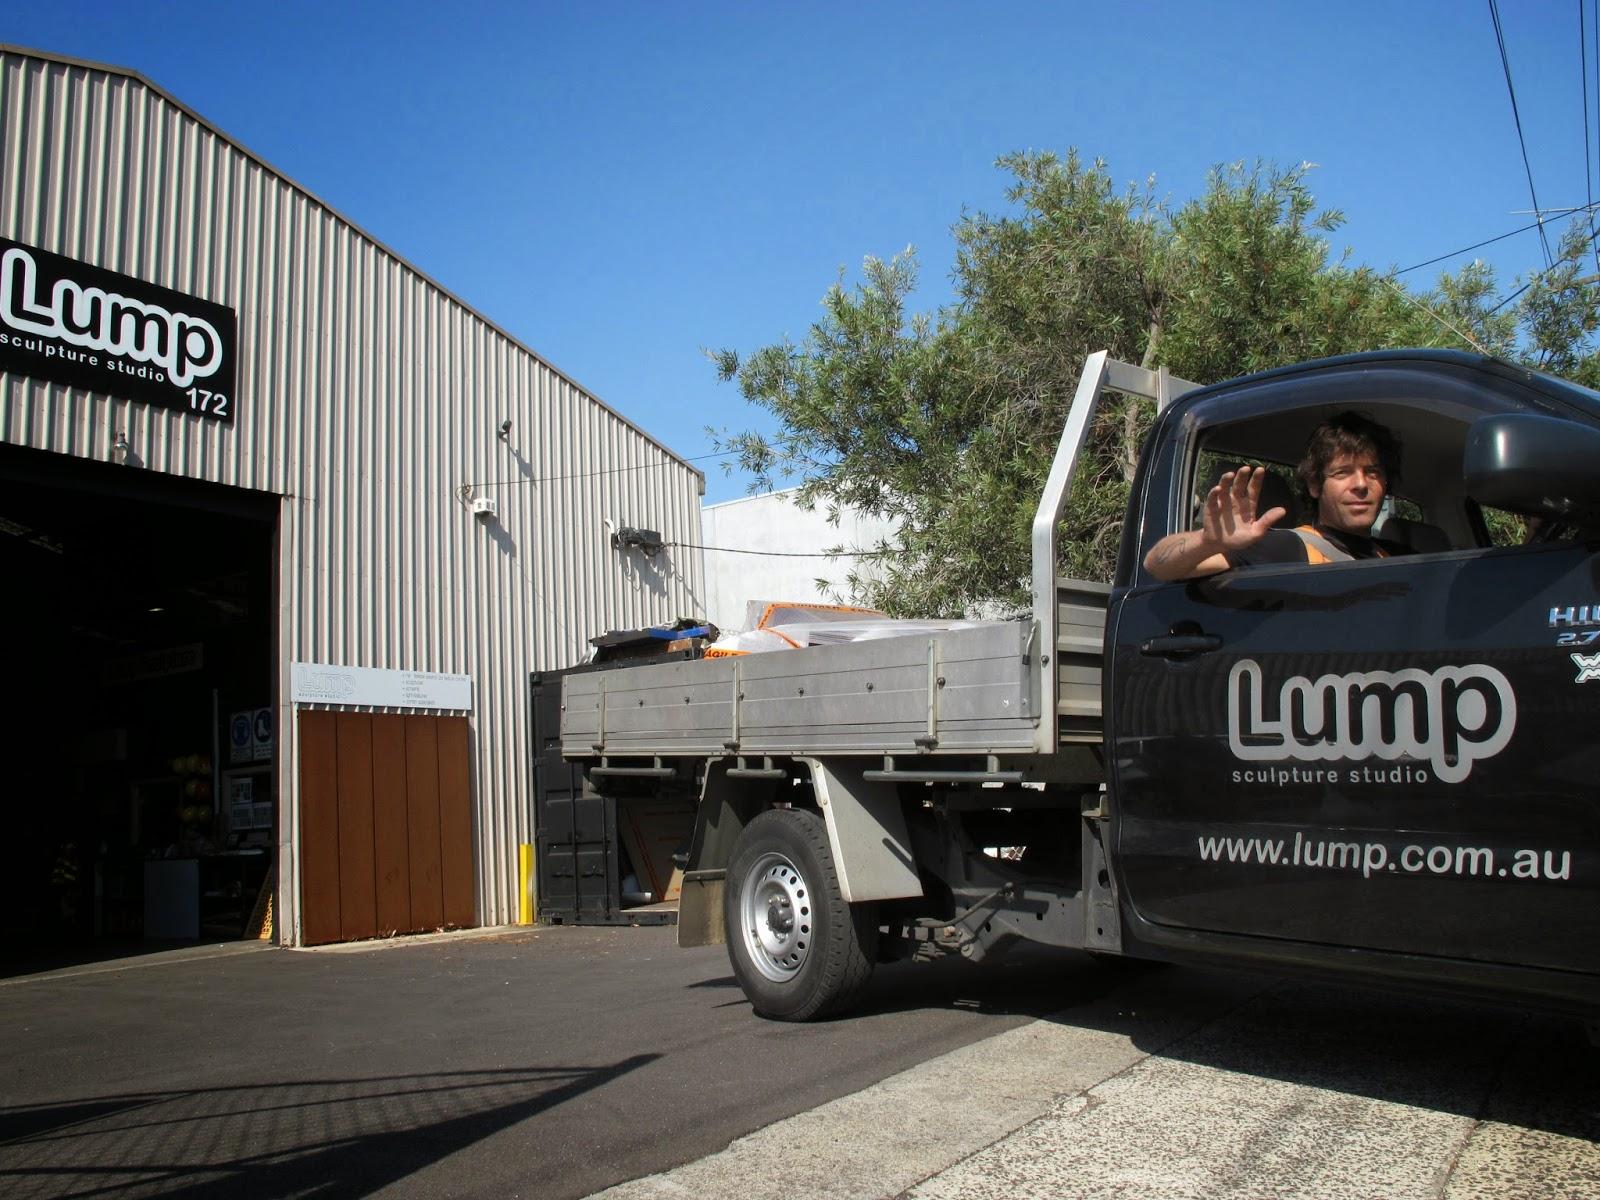 Lump Sculpture Studio